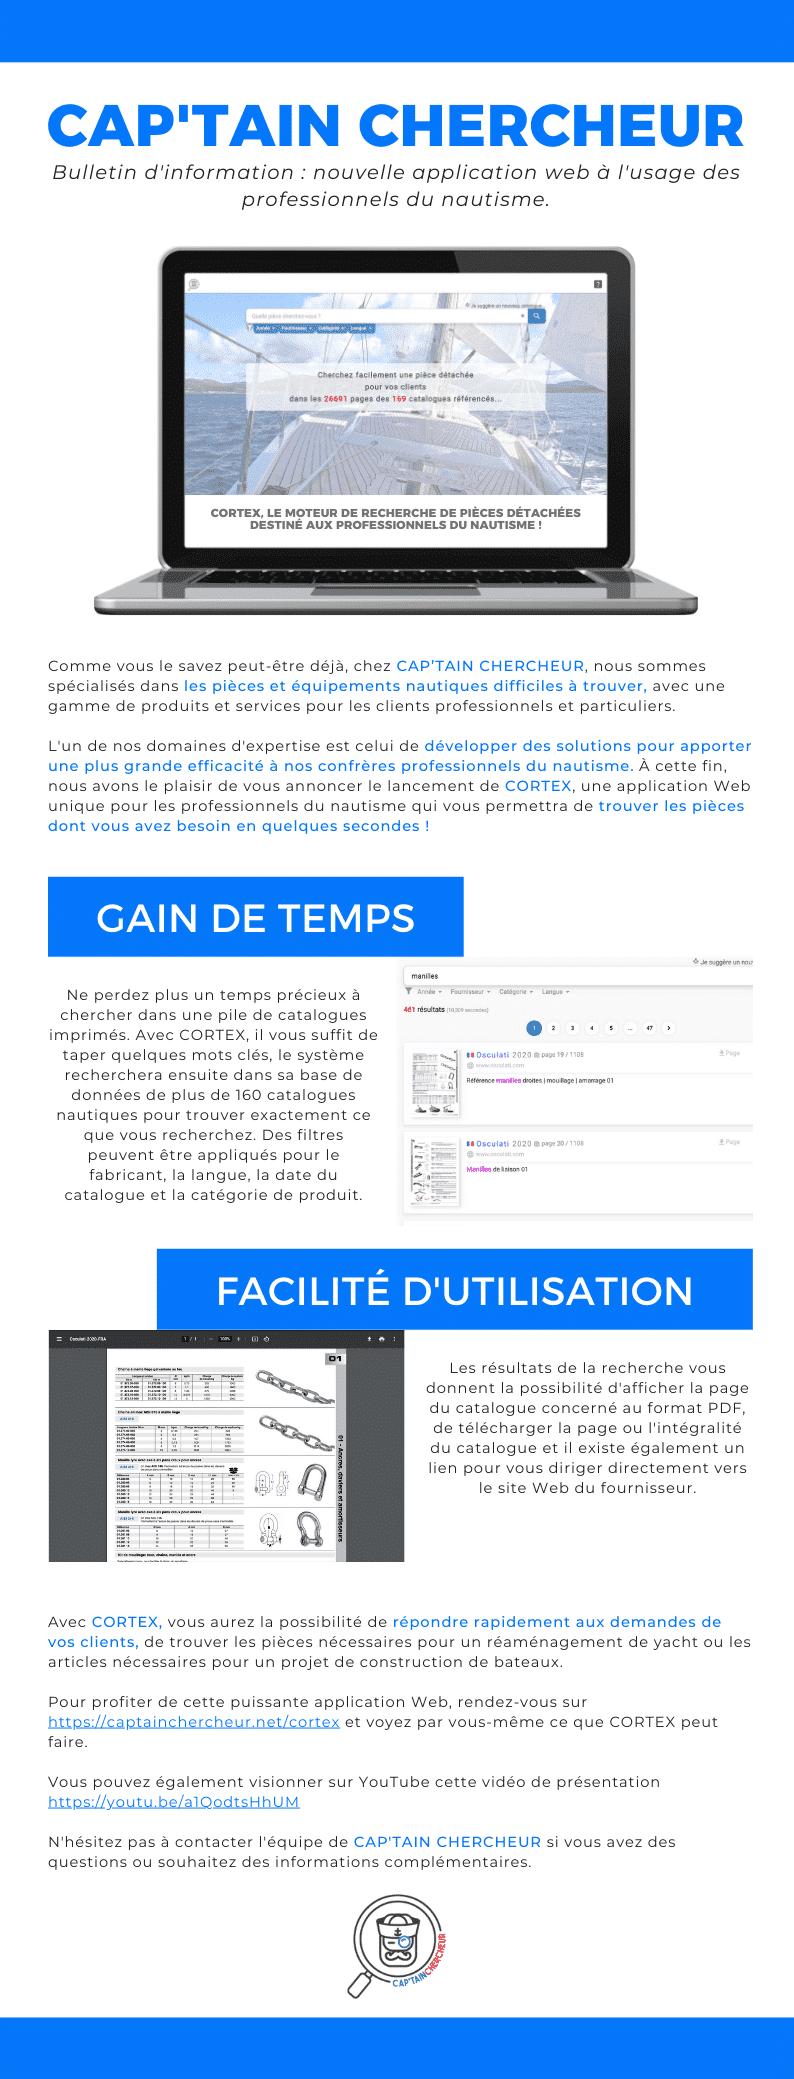 CORTEX Cap'tain chercheur